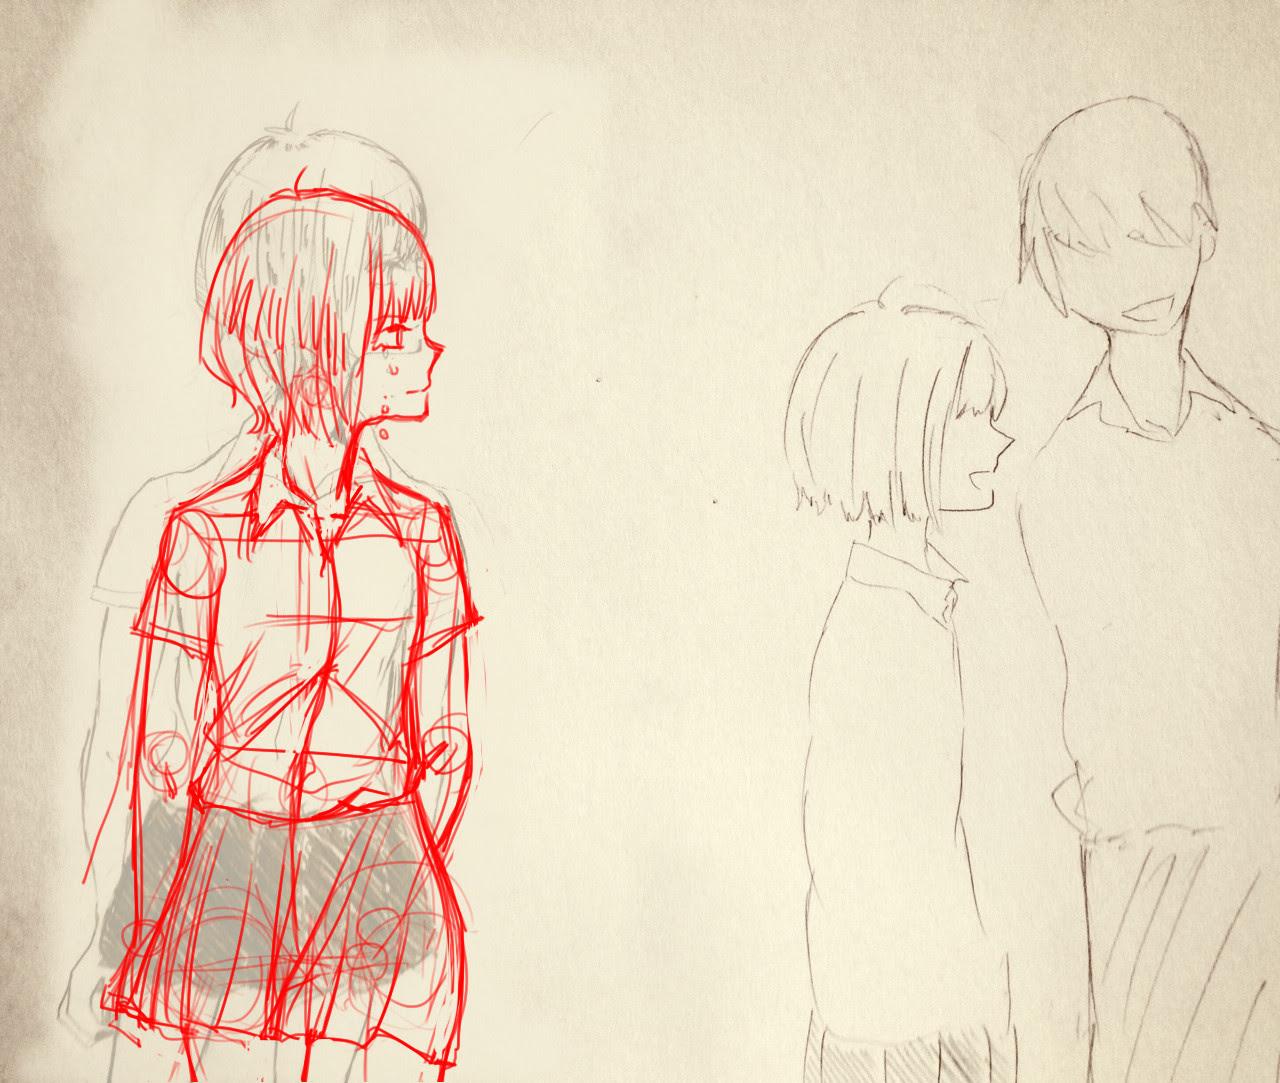 絵イラスト赤ペン添削スレアドバイス768 漫画で飯を喰っていく